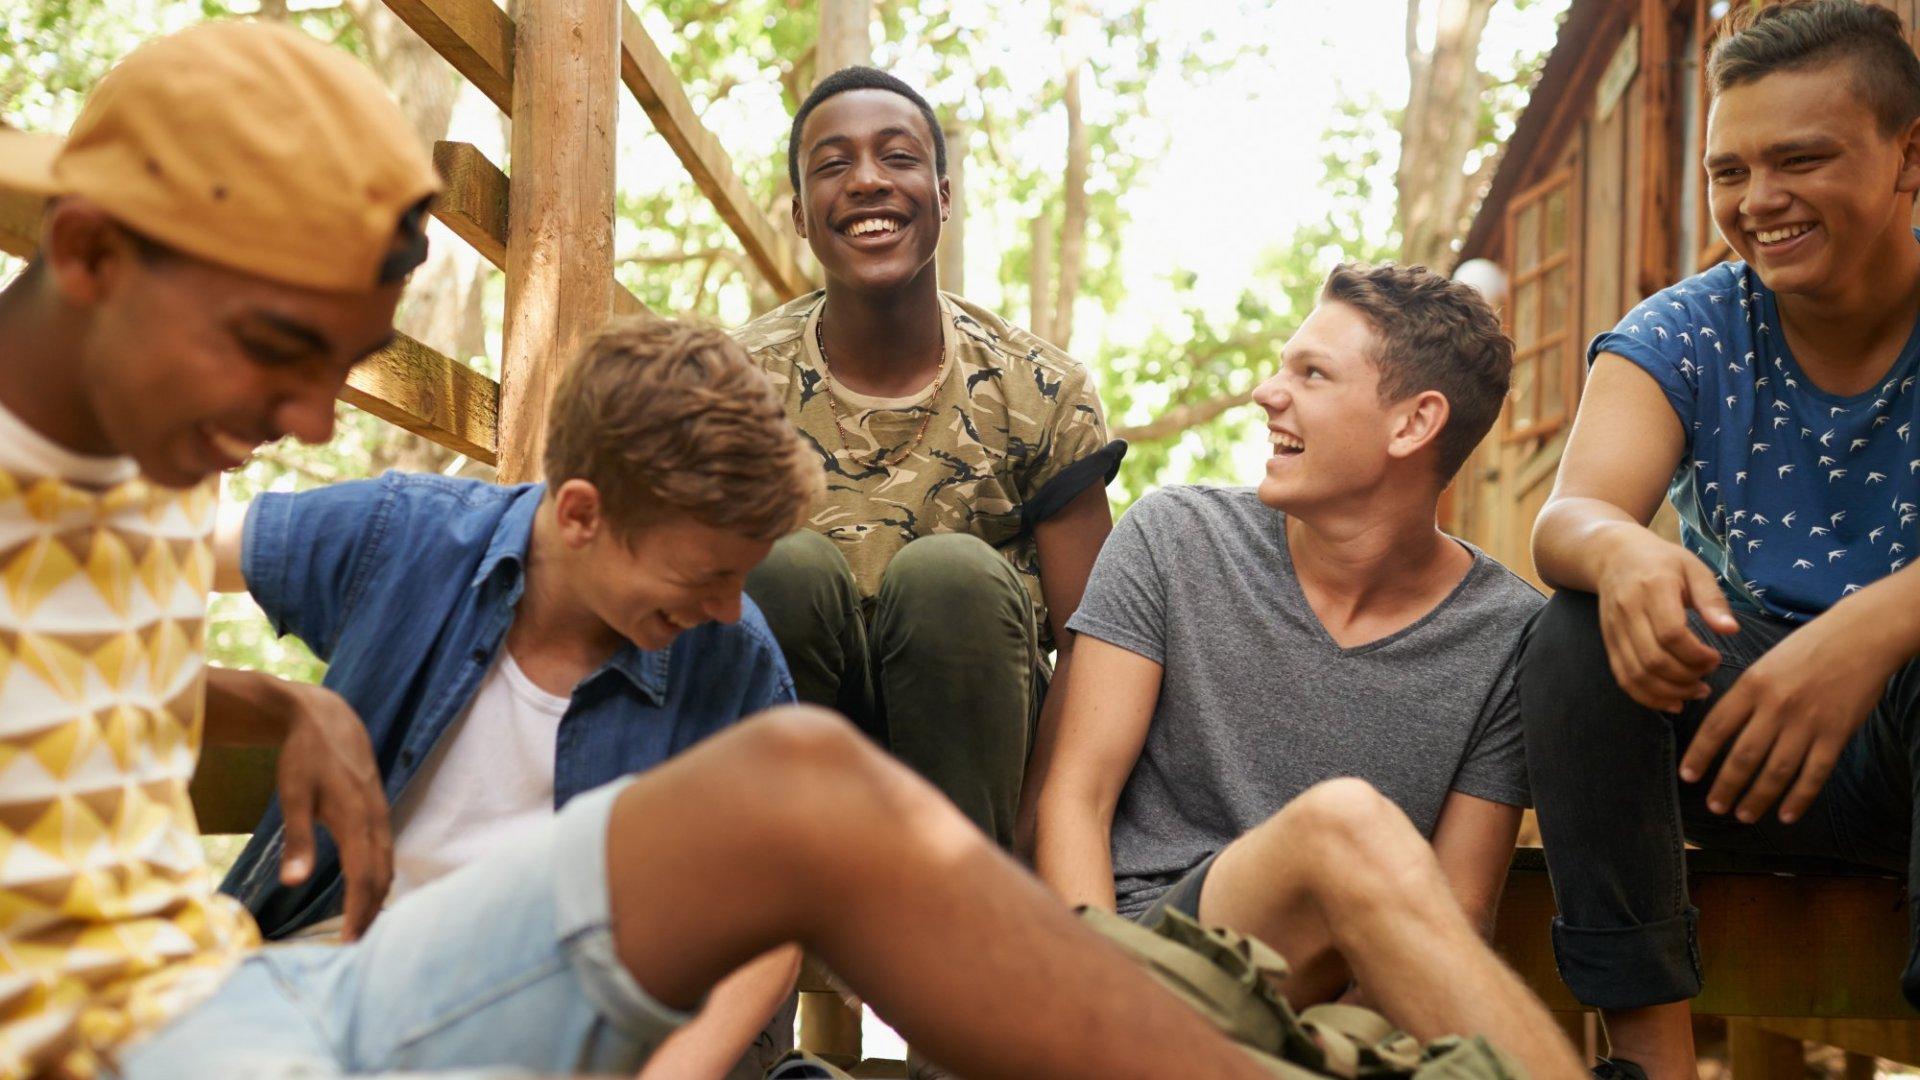 10 Habits That Change Boys Into Men | Inc.com